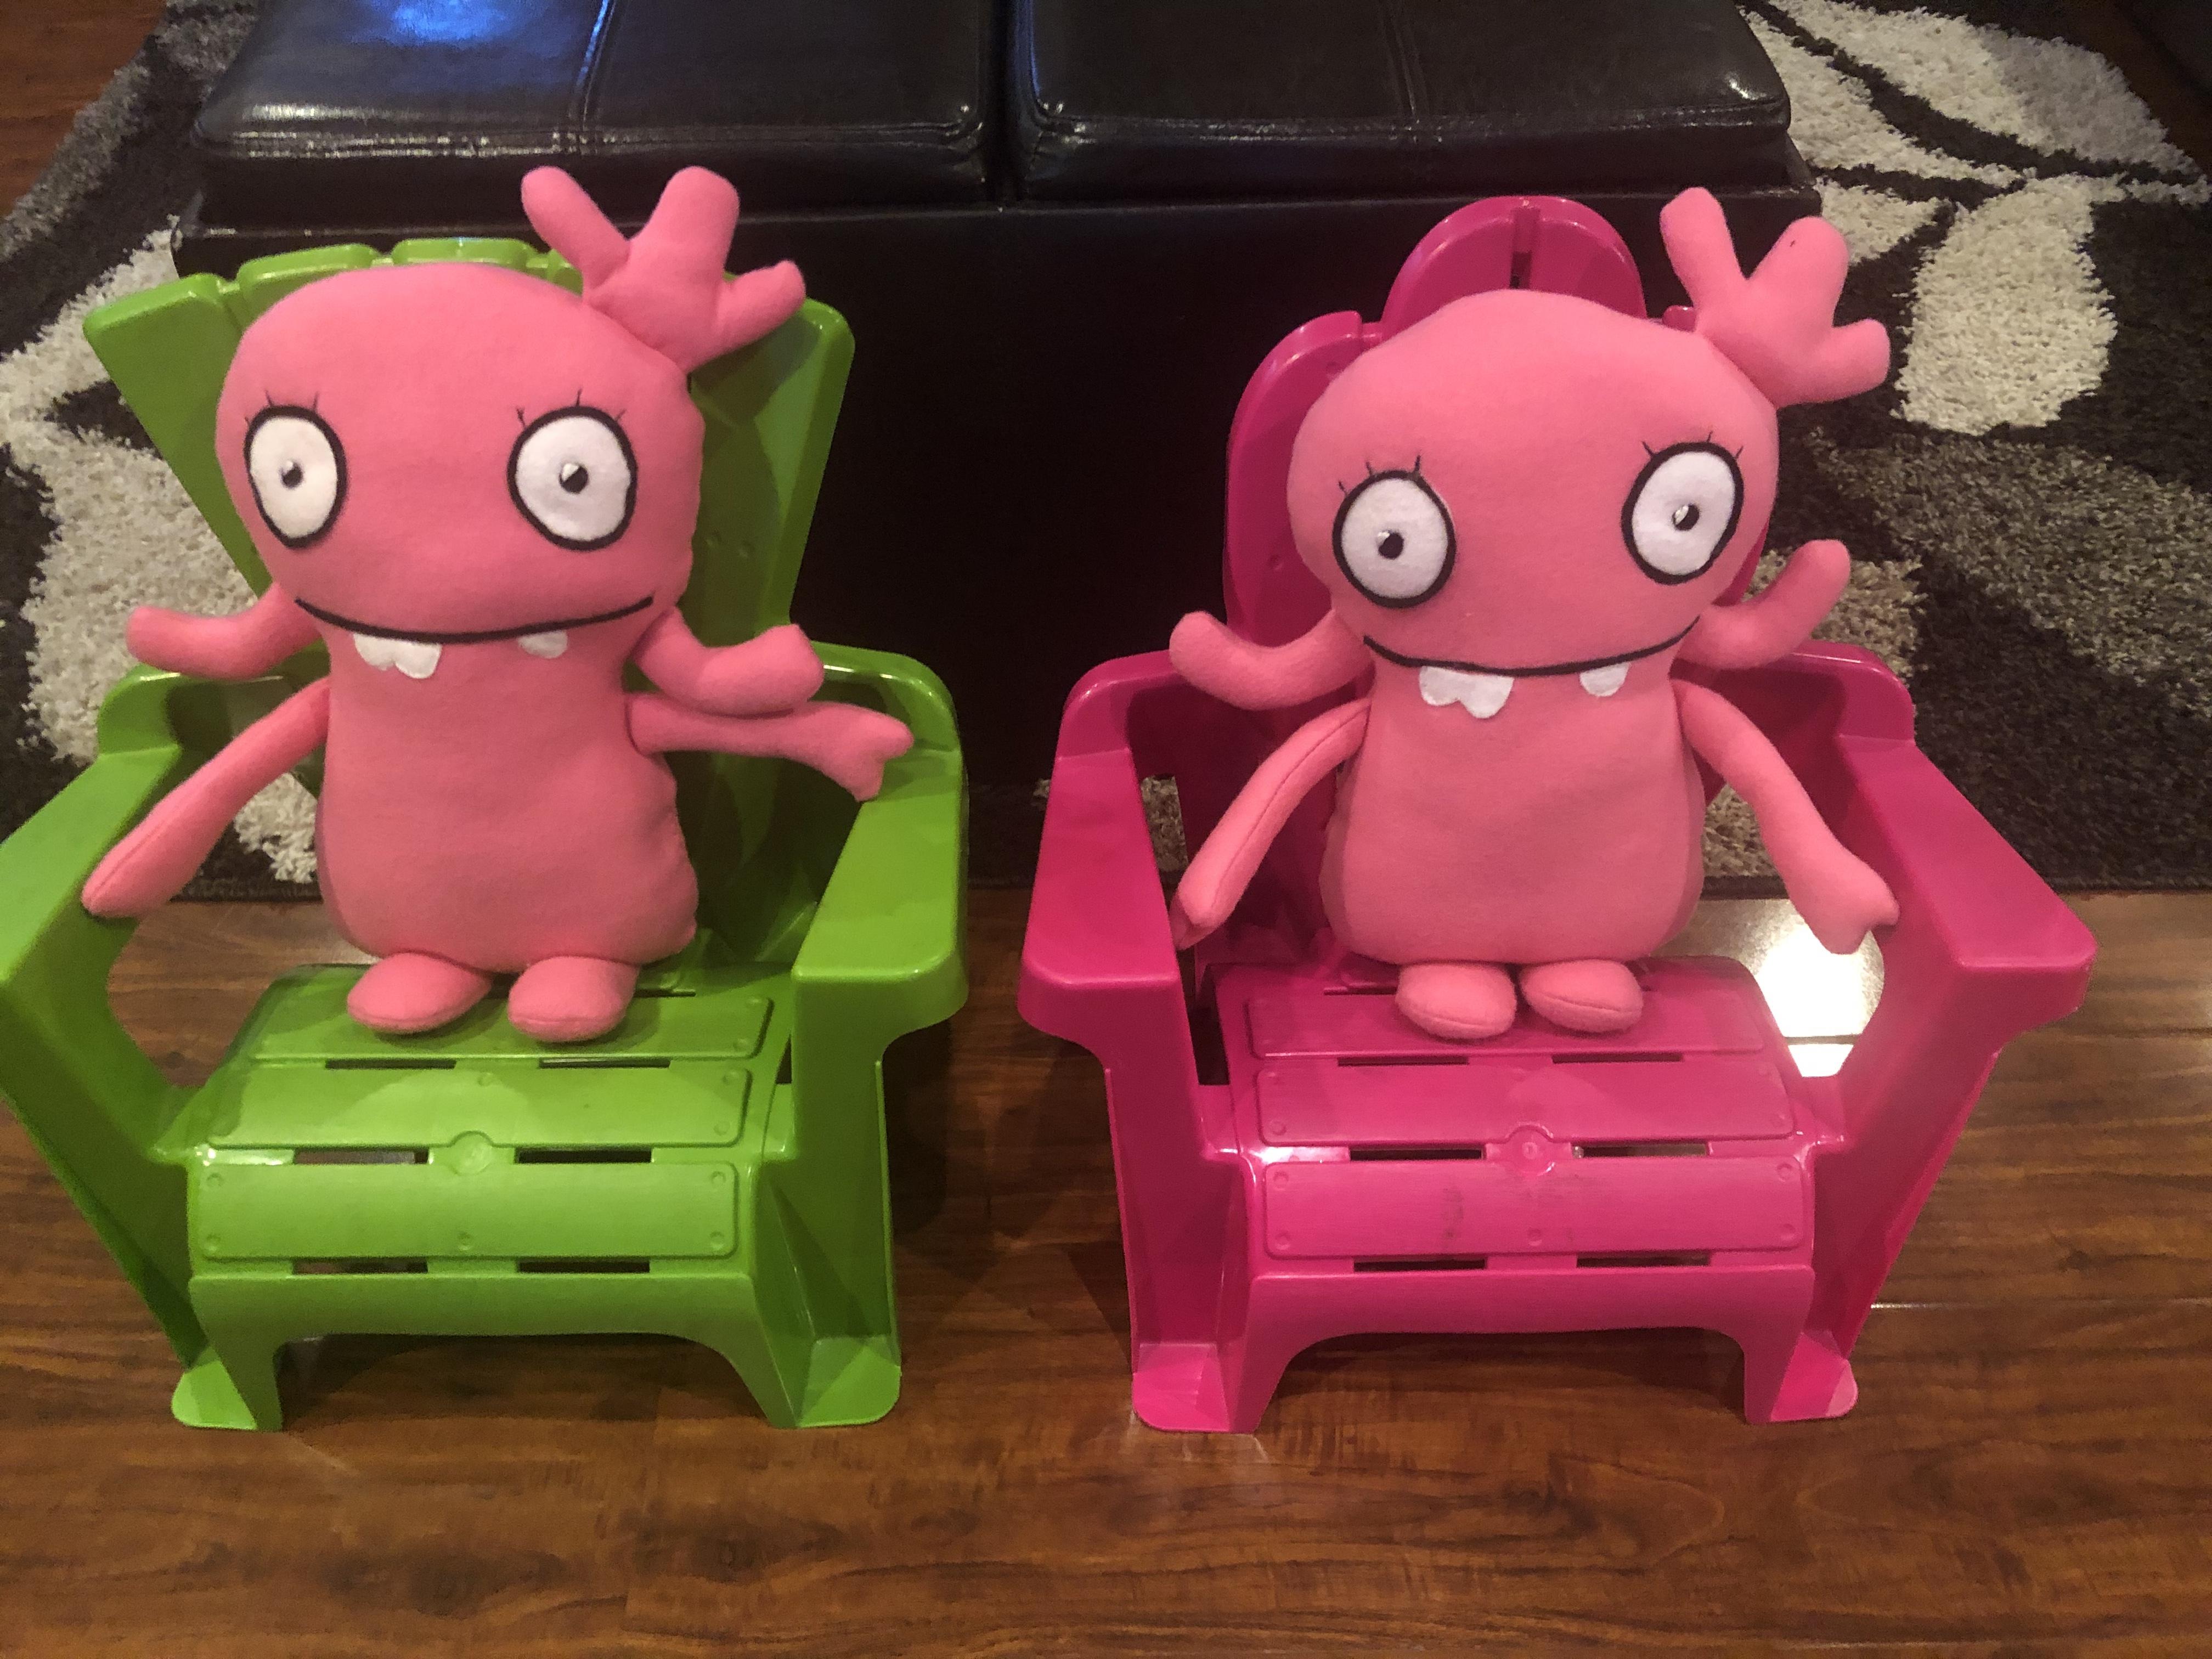 UglyDolls Moxy Stuffed Plush Toy